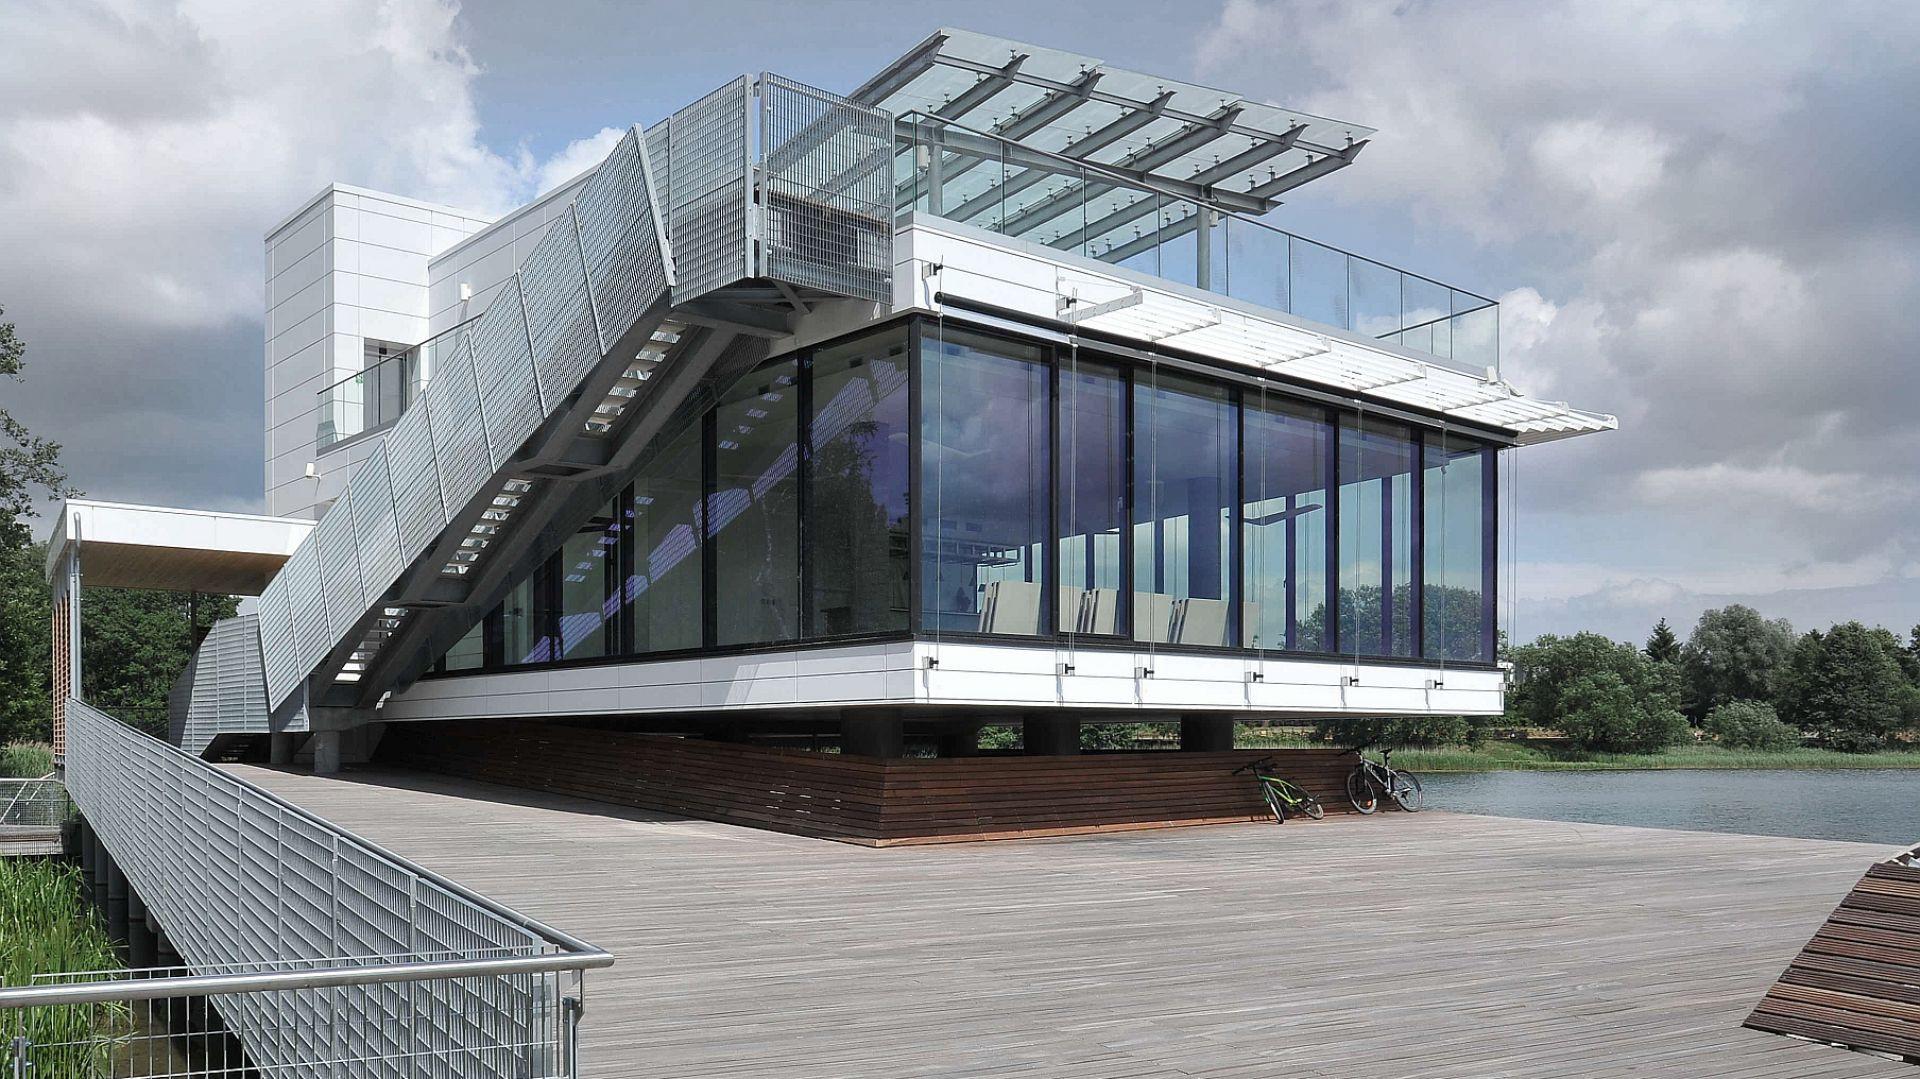 Olszyńskie Centrum Kajakarstwa przy ulicy Olimpijskiej, które wchodzi w skład Centrum Rekreacyjno-Sportowego Ukiel nad jeziorem Ukiel (Krzywym) w Olsztynie. Projekt i zdjęcia: autorska Pracownia Architektoniczna Studio-Projekt.